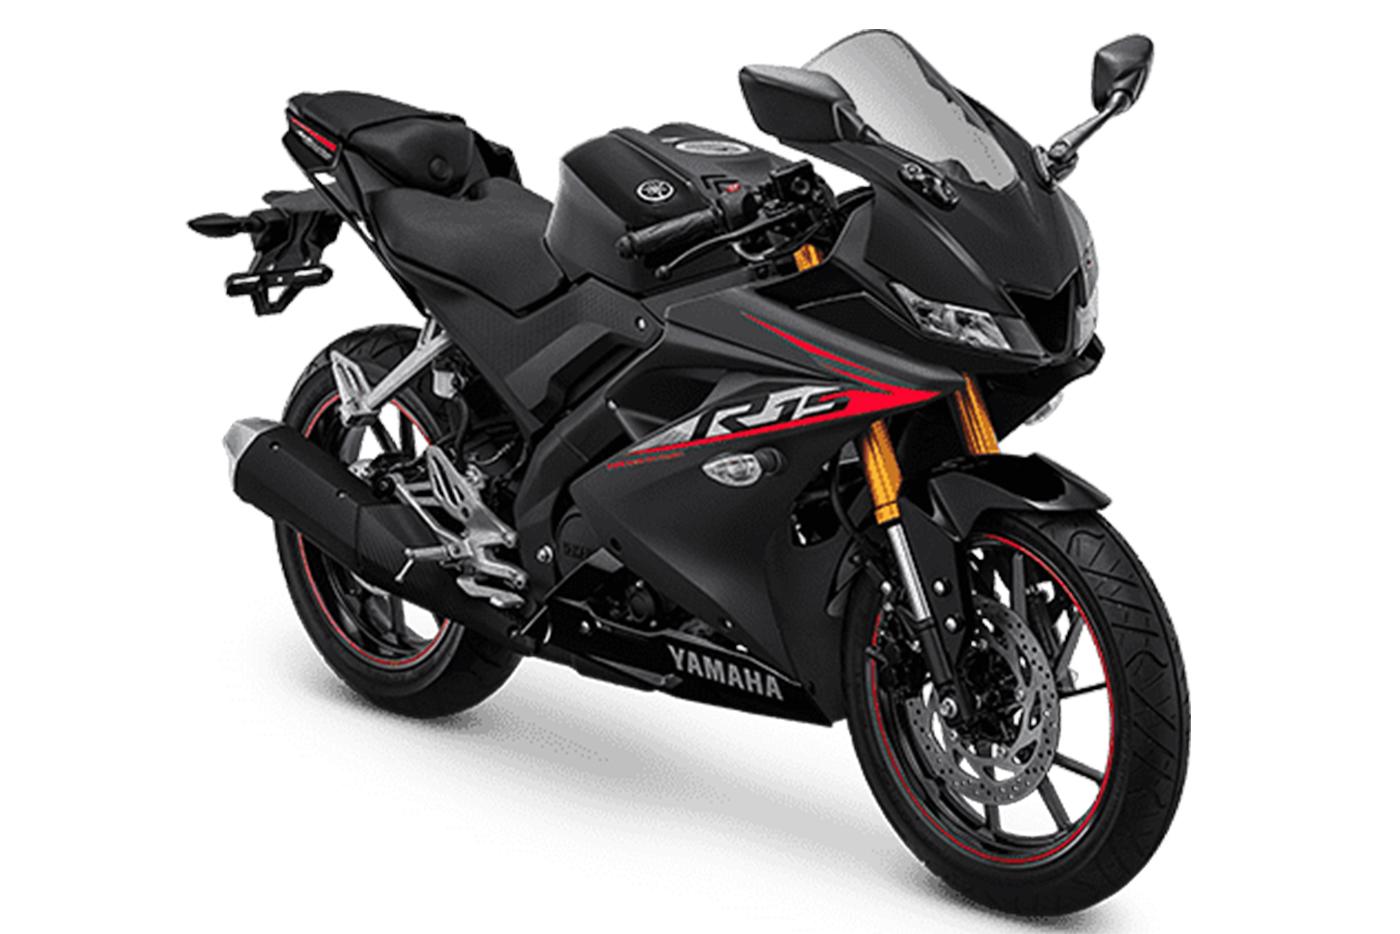 Yamaha R15 được Yamaha trang bị hệ thống van biến thiên và bộ nồi chống trượt